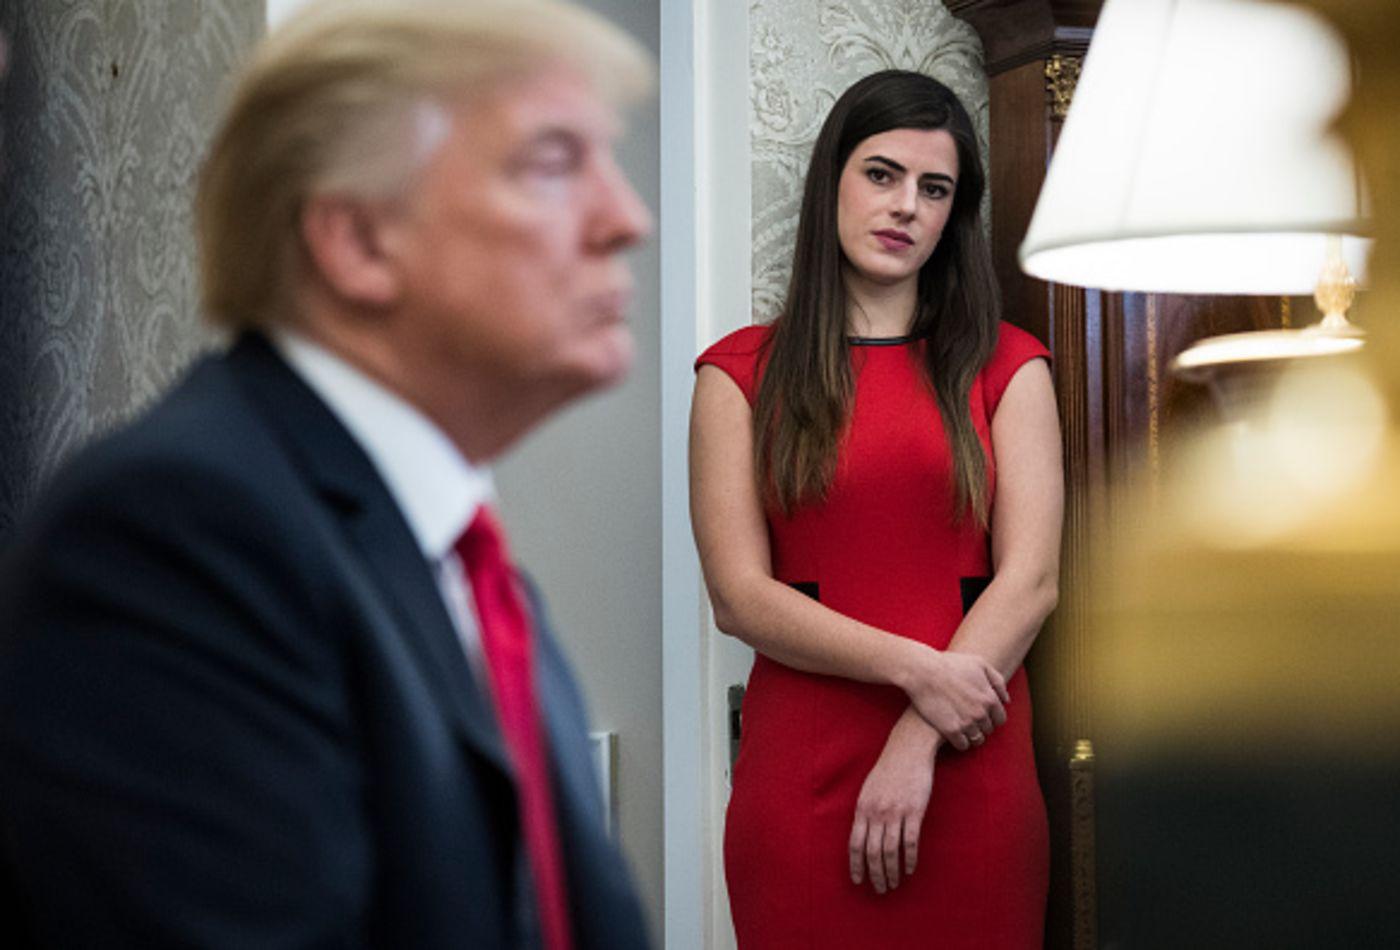 Bóng hồng xinh đẹp bên cạnh tổng thống nước giàu nhất thế giới nhận lương bao nhiêu? - 1